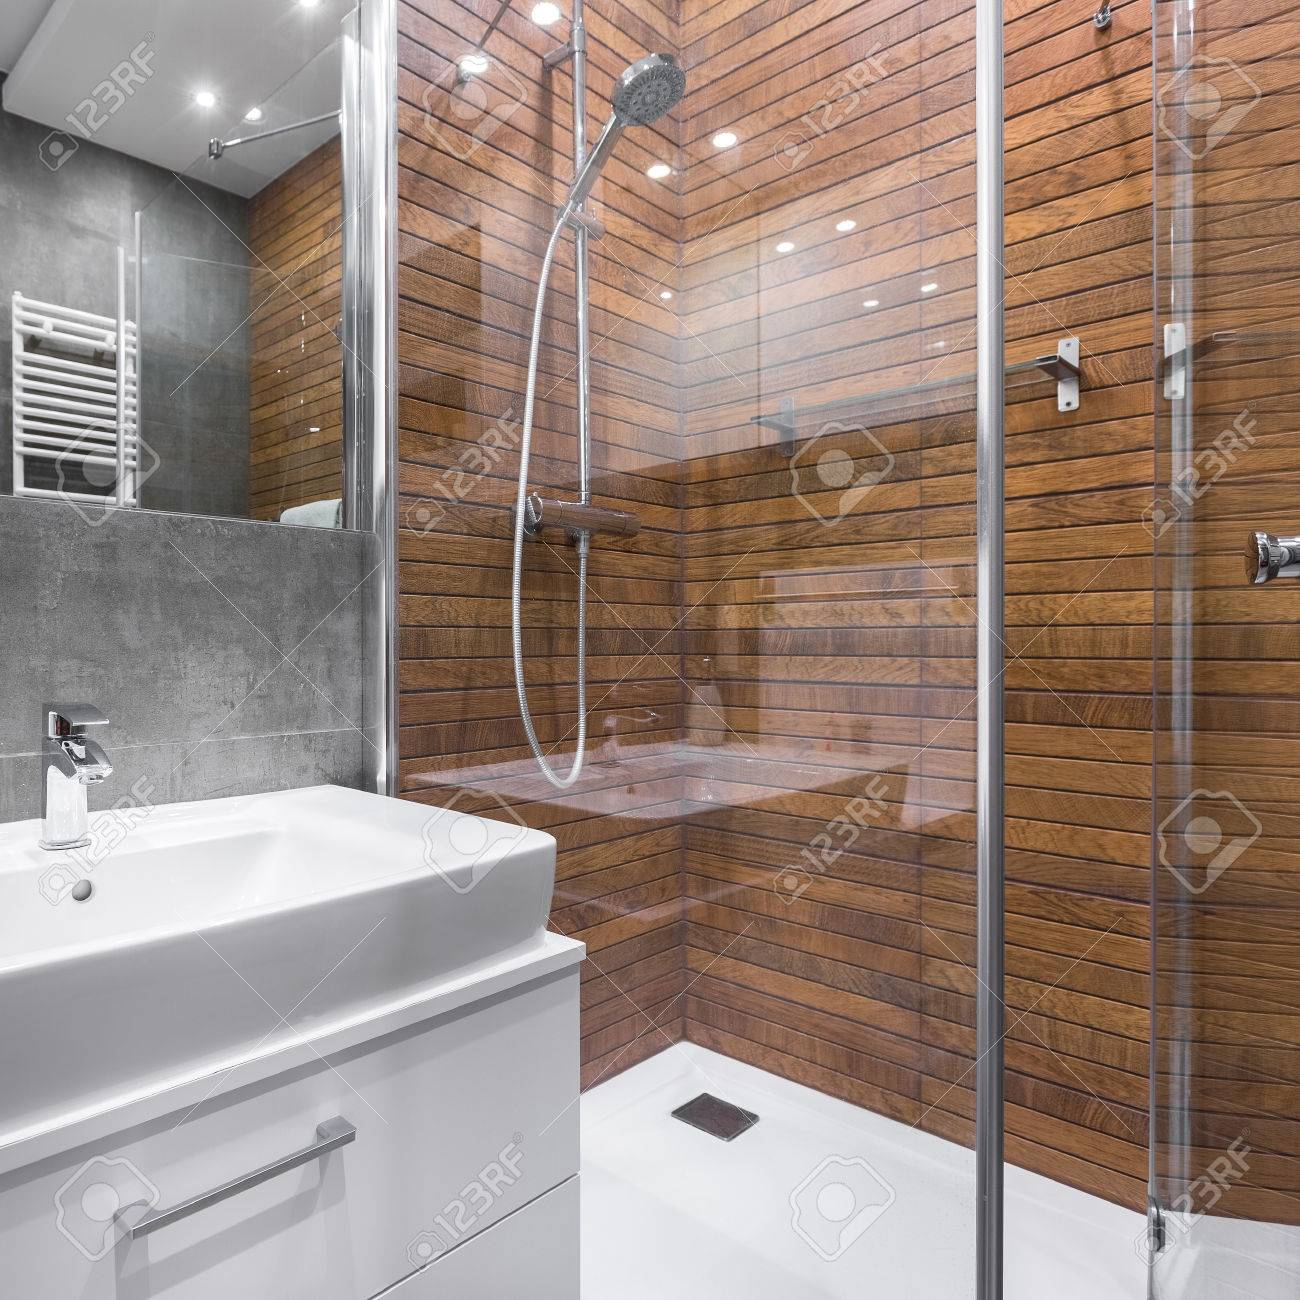 Cuarto De Baño Moderno Con Efecto De Madera De Ducha, Espejo Y El ...